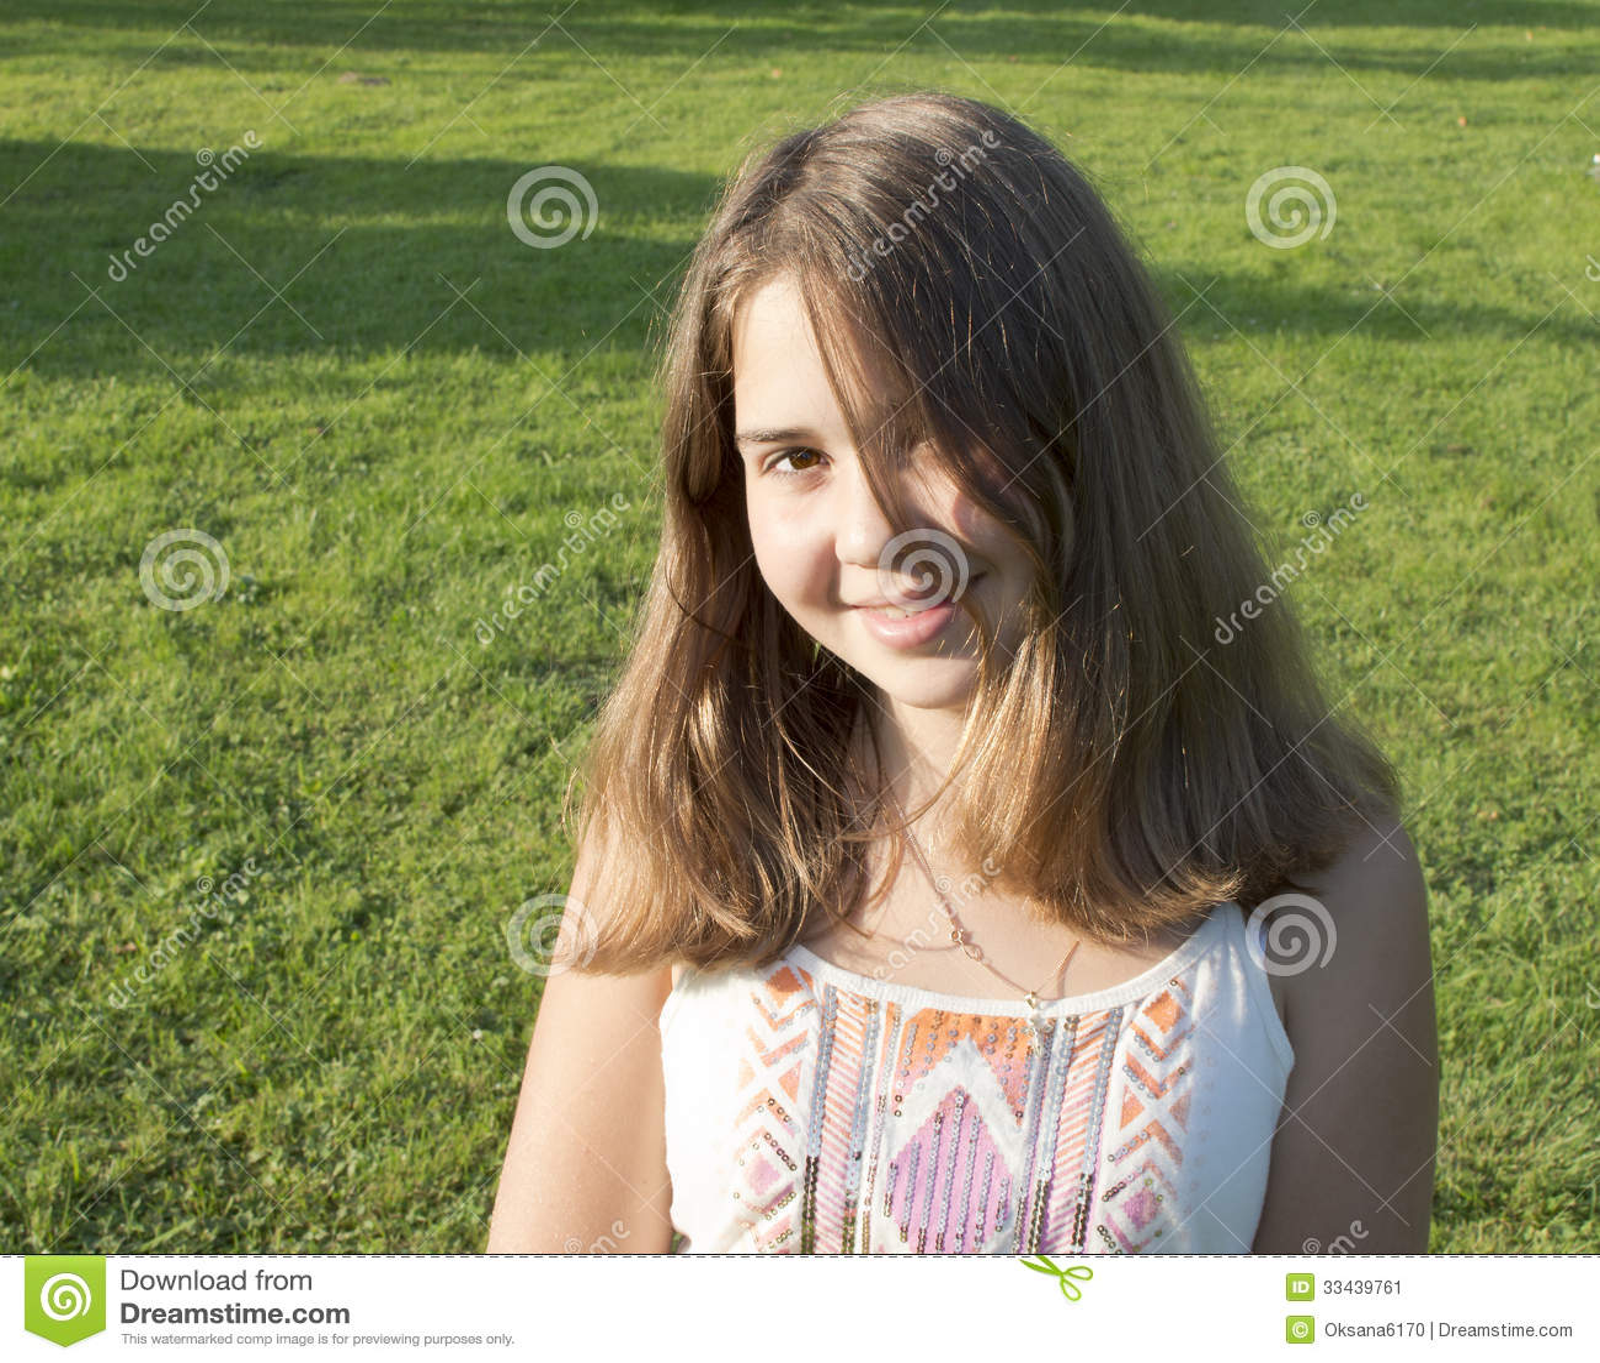 Site de rencontre de fille de 13 ans